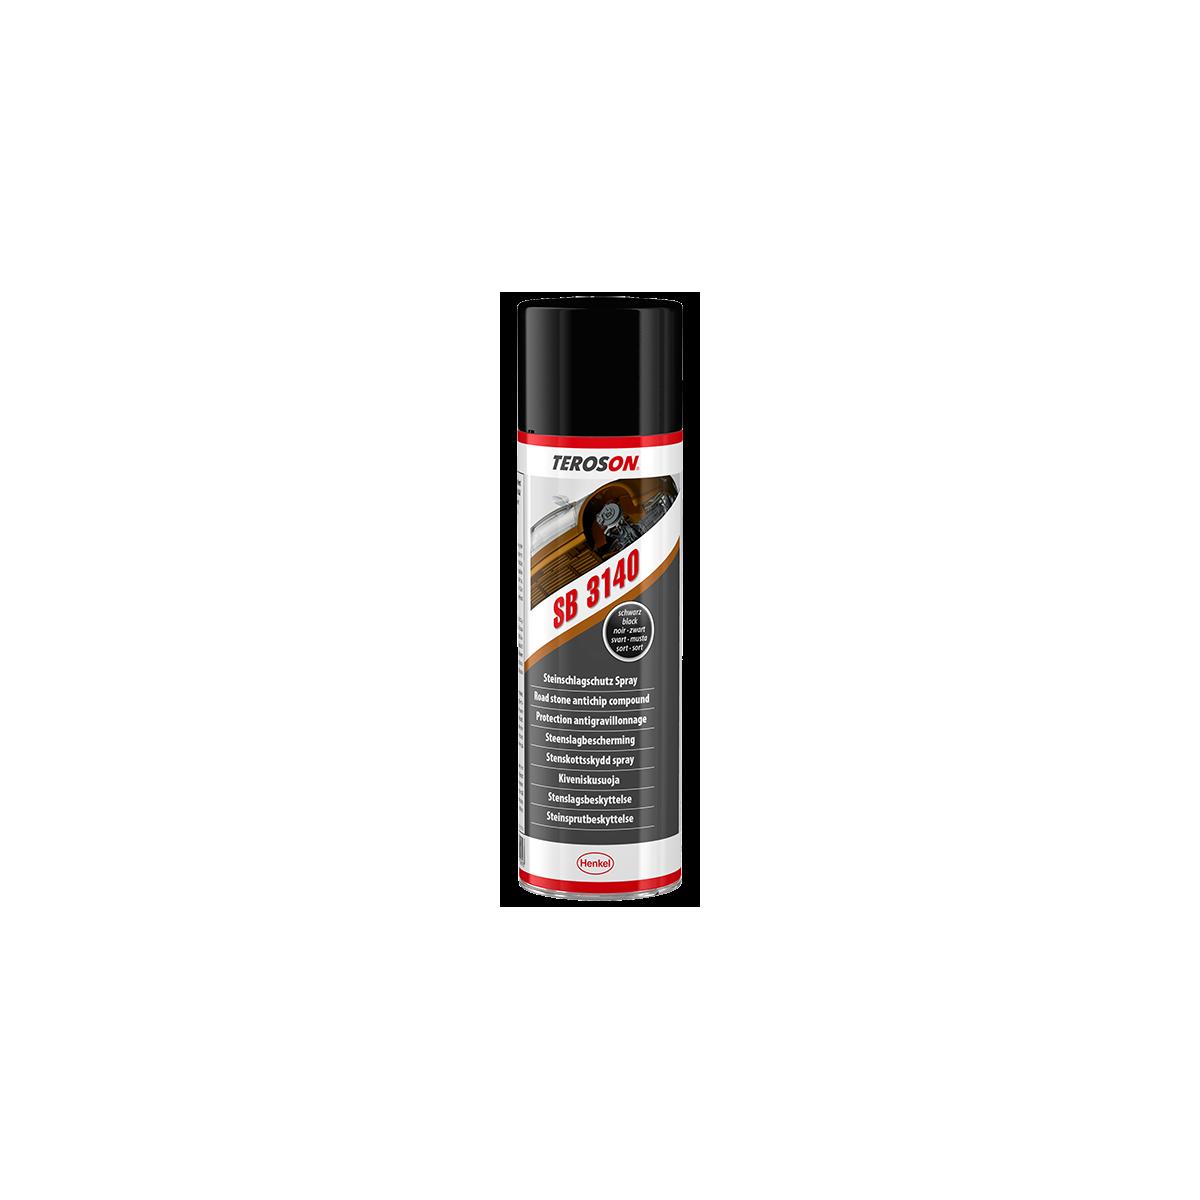 stenskottsskydd spray